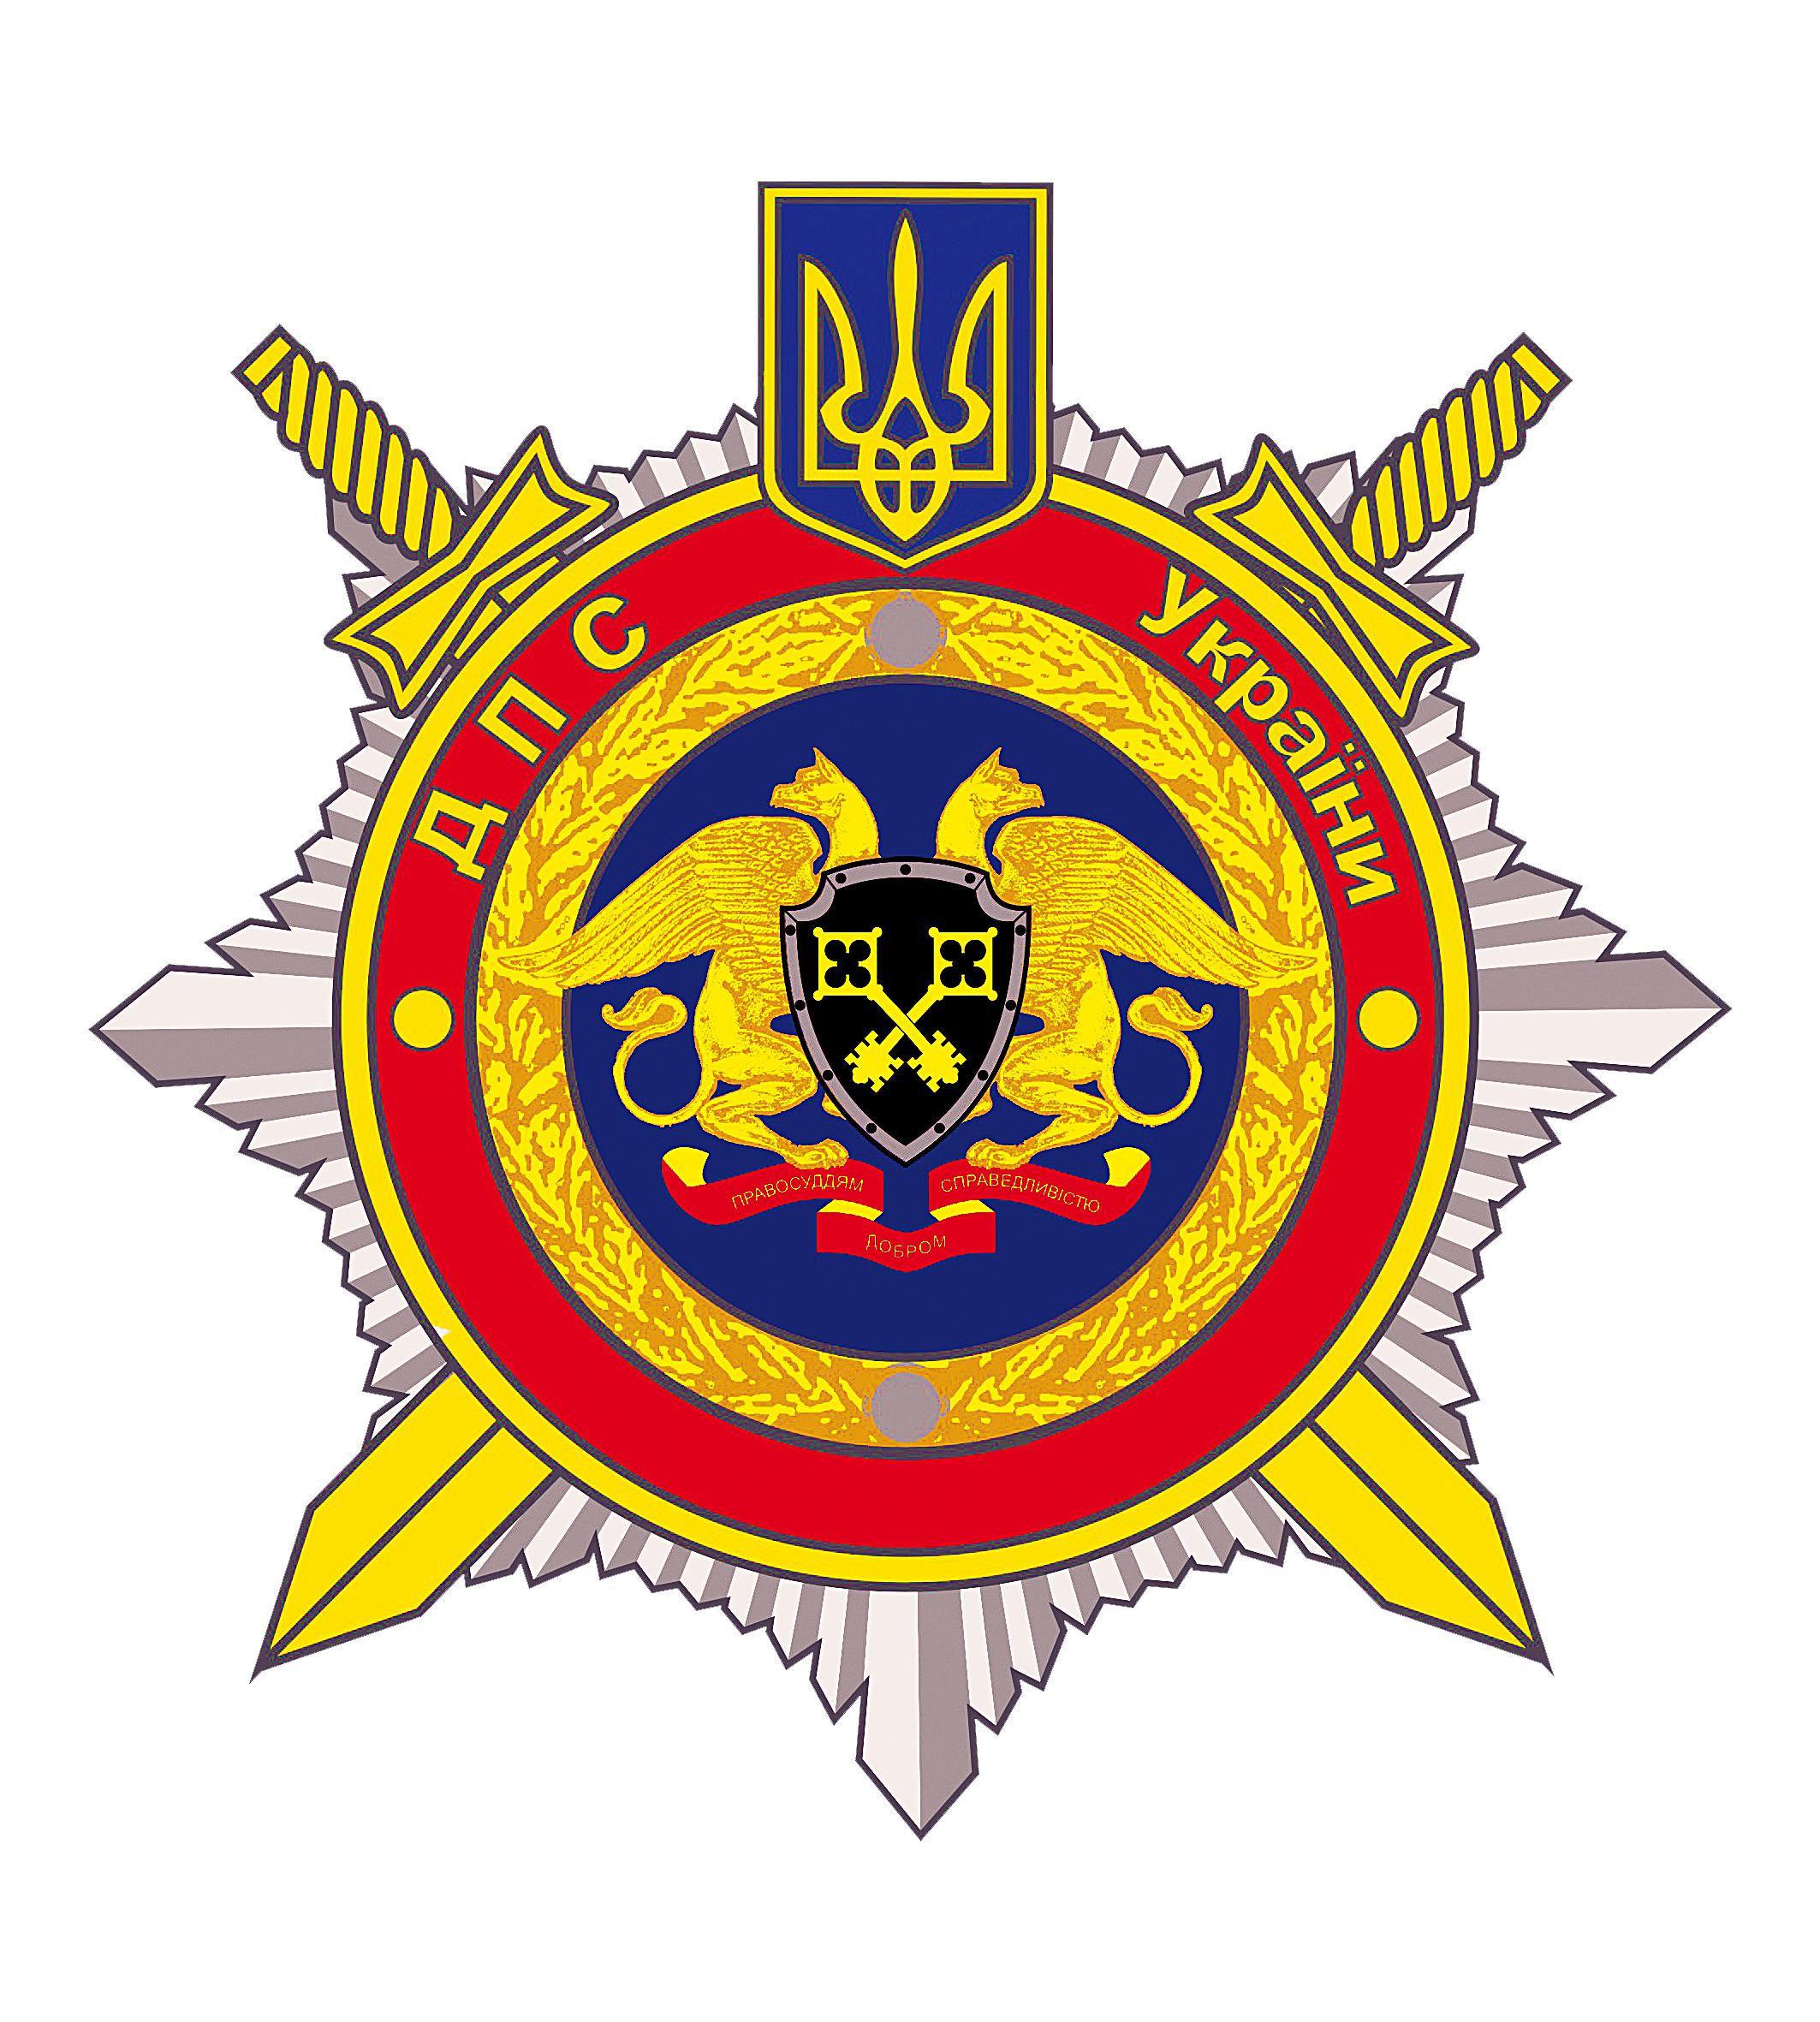 Державна пенітенціарна служба України